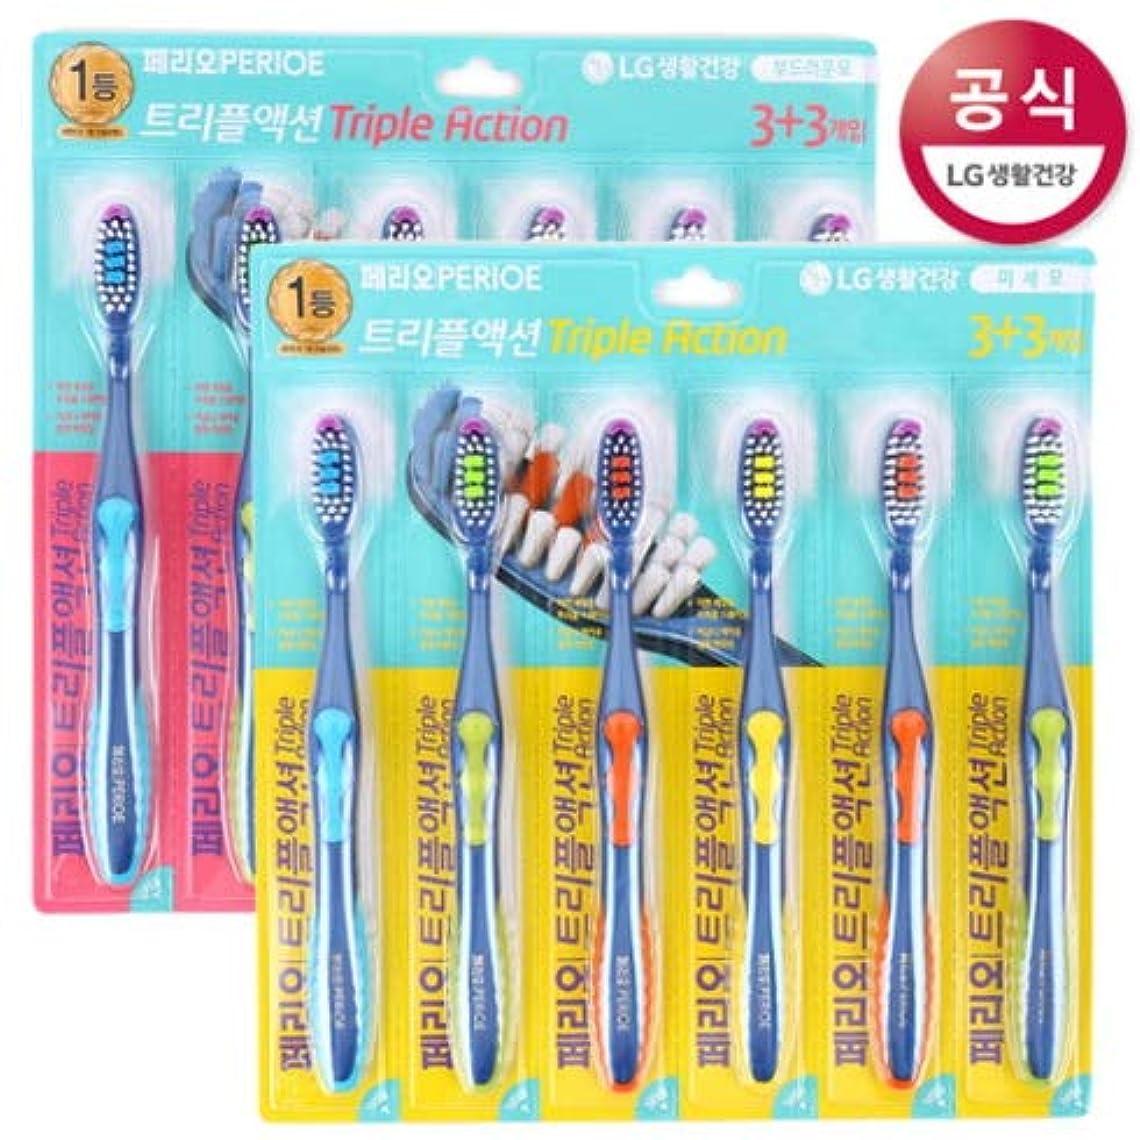 吐くホイスト開発する[LG HnB] Perio Triple Action Toothbrush/ペリオトリプルアクション歯ブラシ 6口x2個(海外直送品)